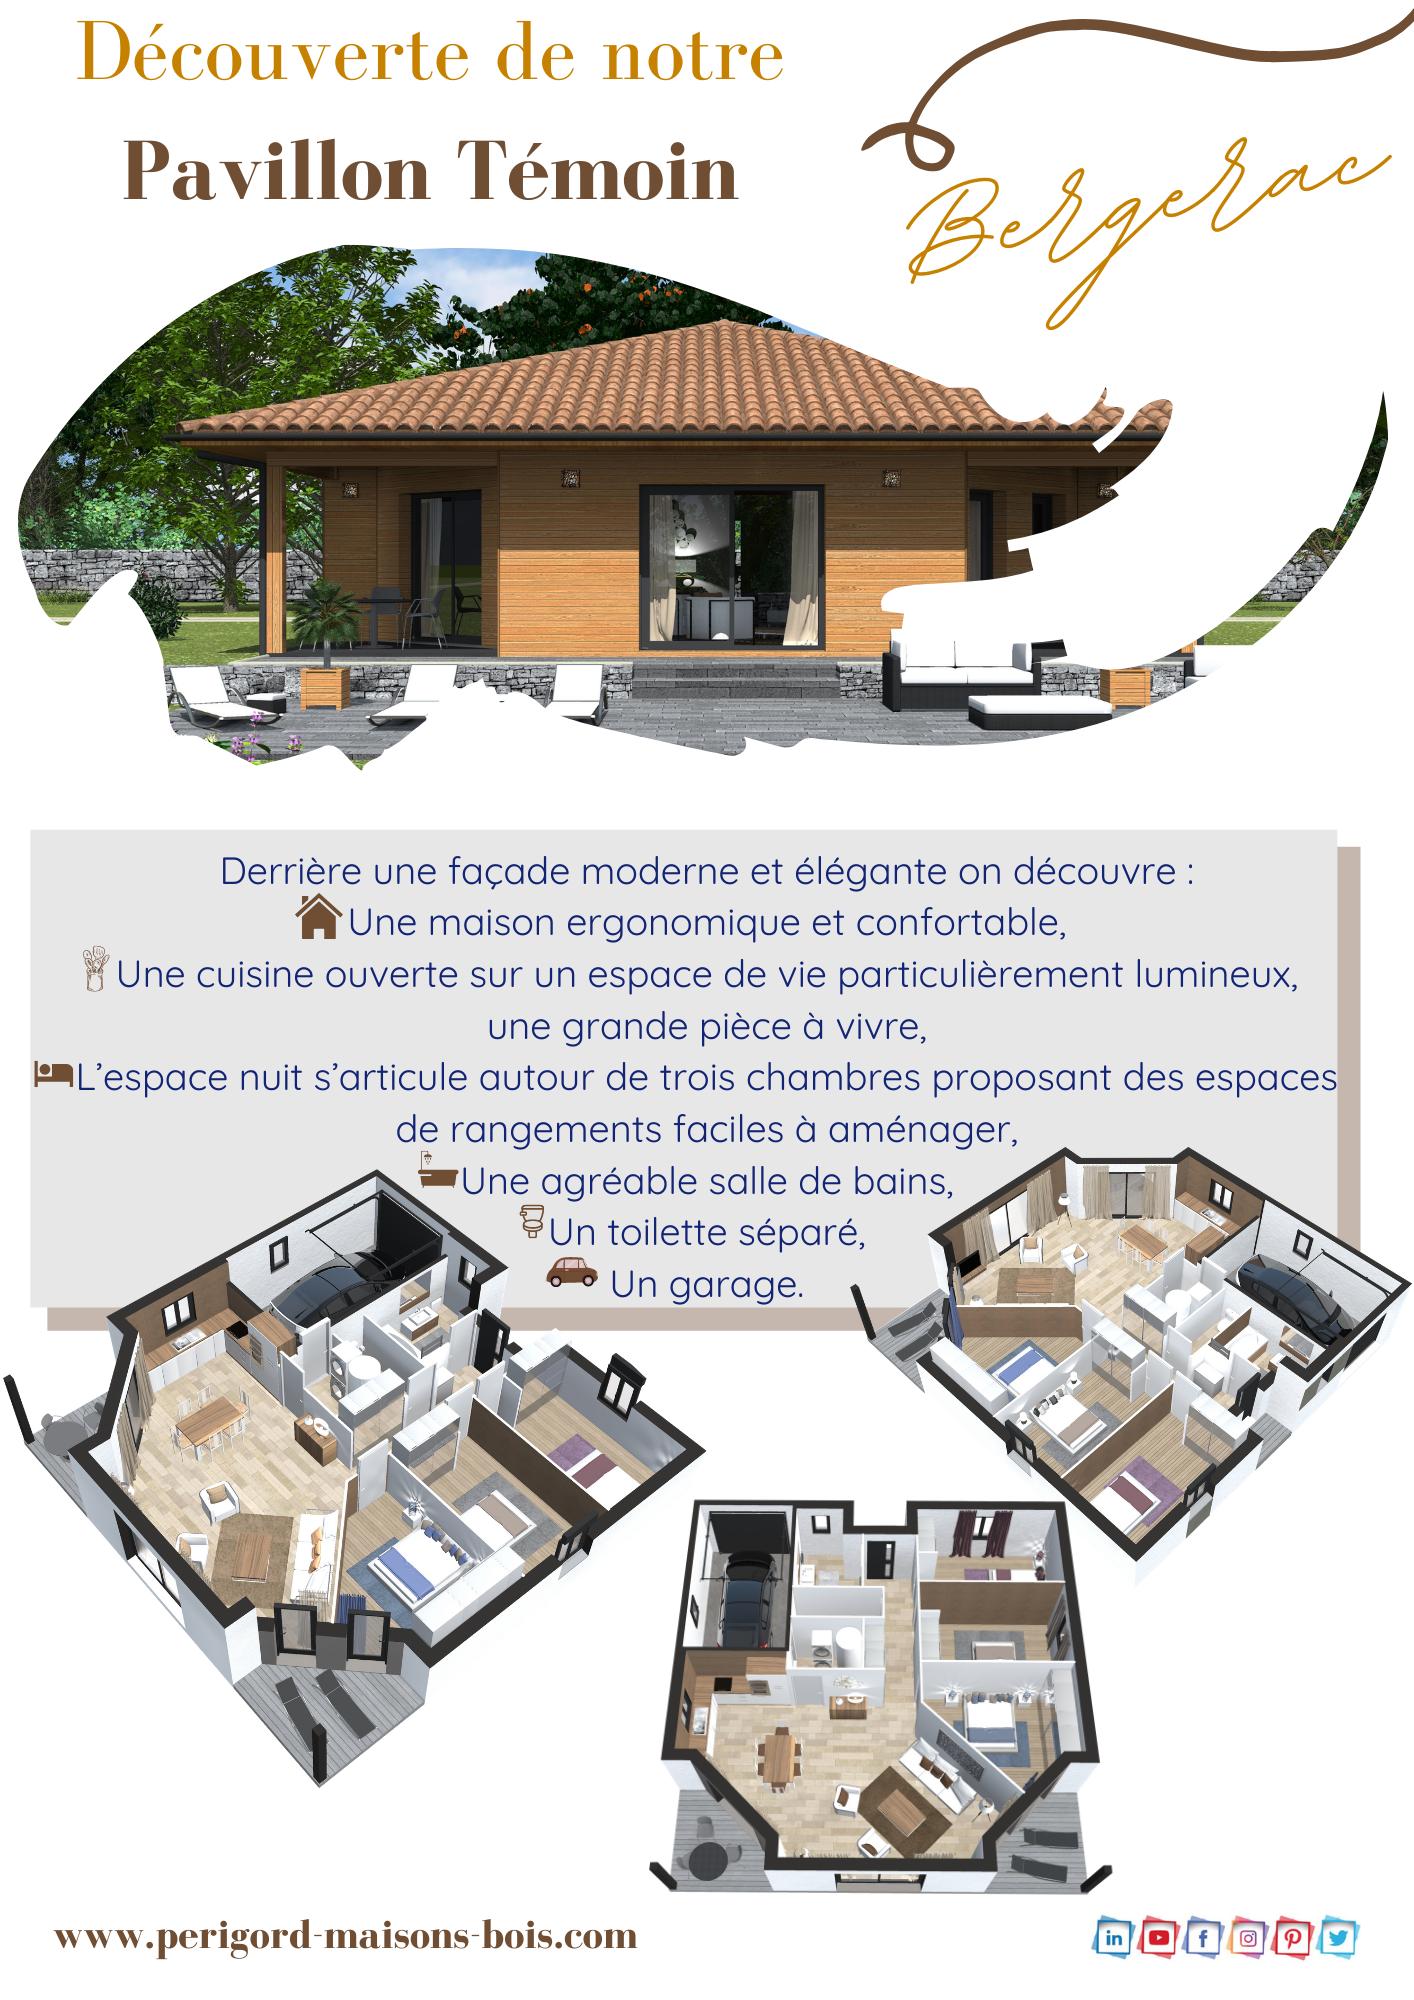 pavillon-témoin-bergerac-constructeur-de-maisons-individuelles-périgord-dordogne-maisons-terrain-périgord-maisons-bois